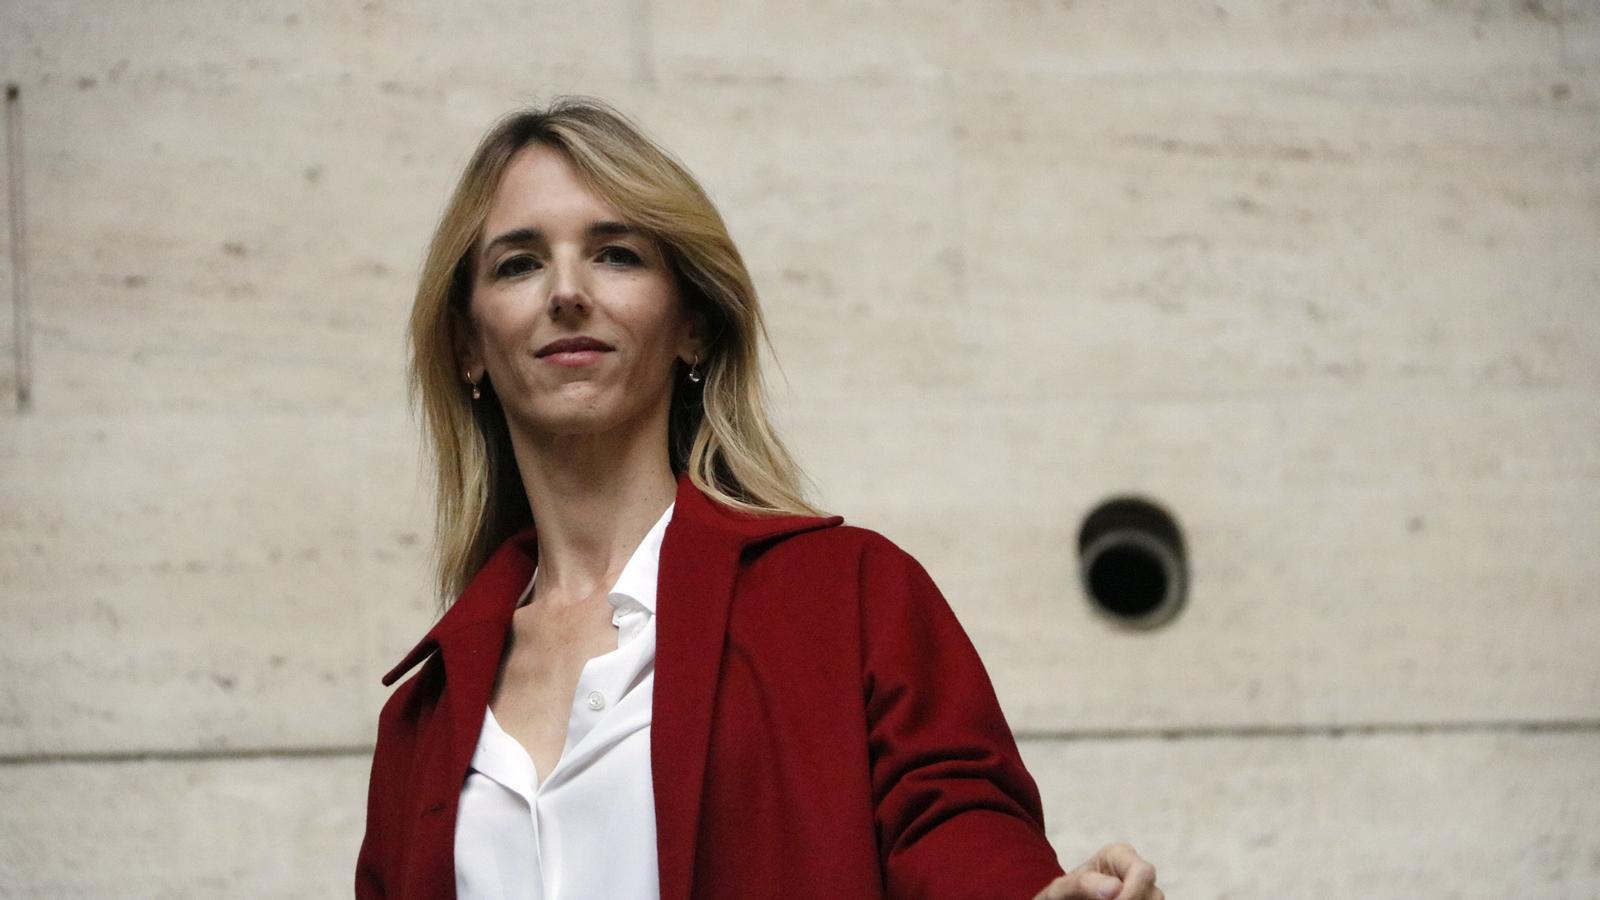 L'anàlisi d'Antoni Bassas: 'El truc de màgia de Cayetana i Borrell'